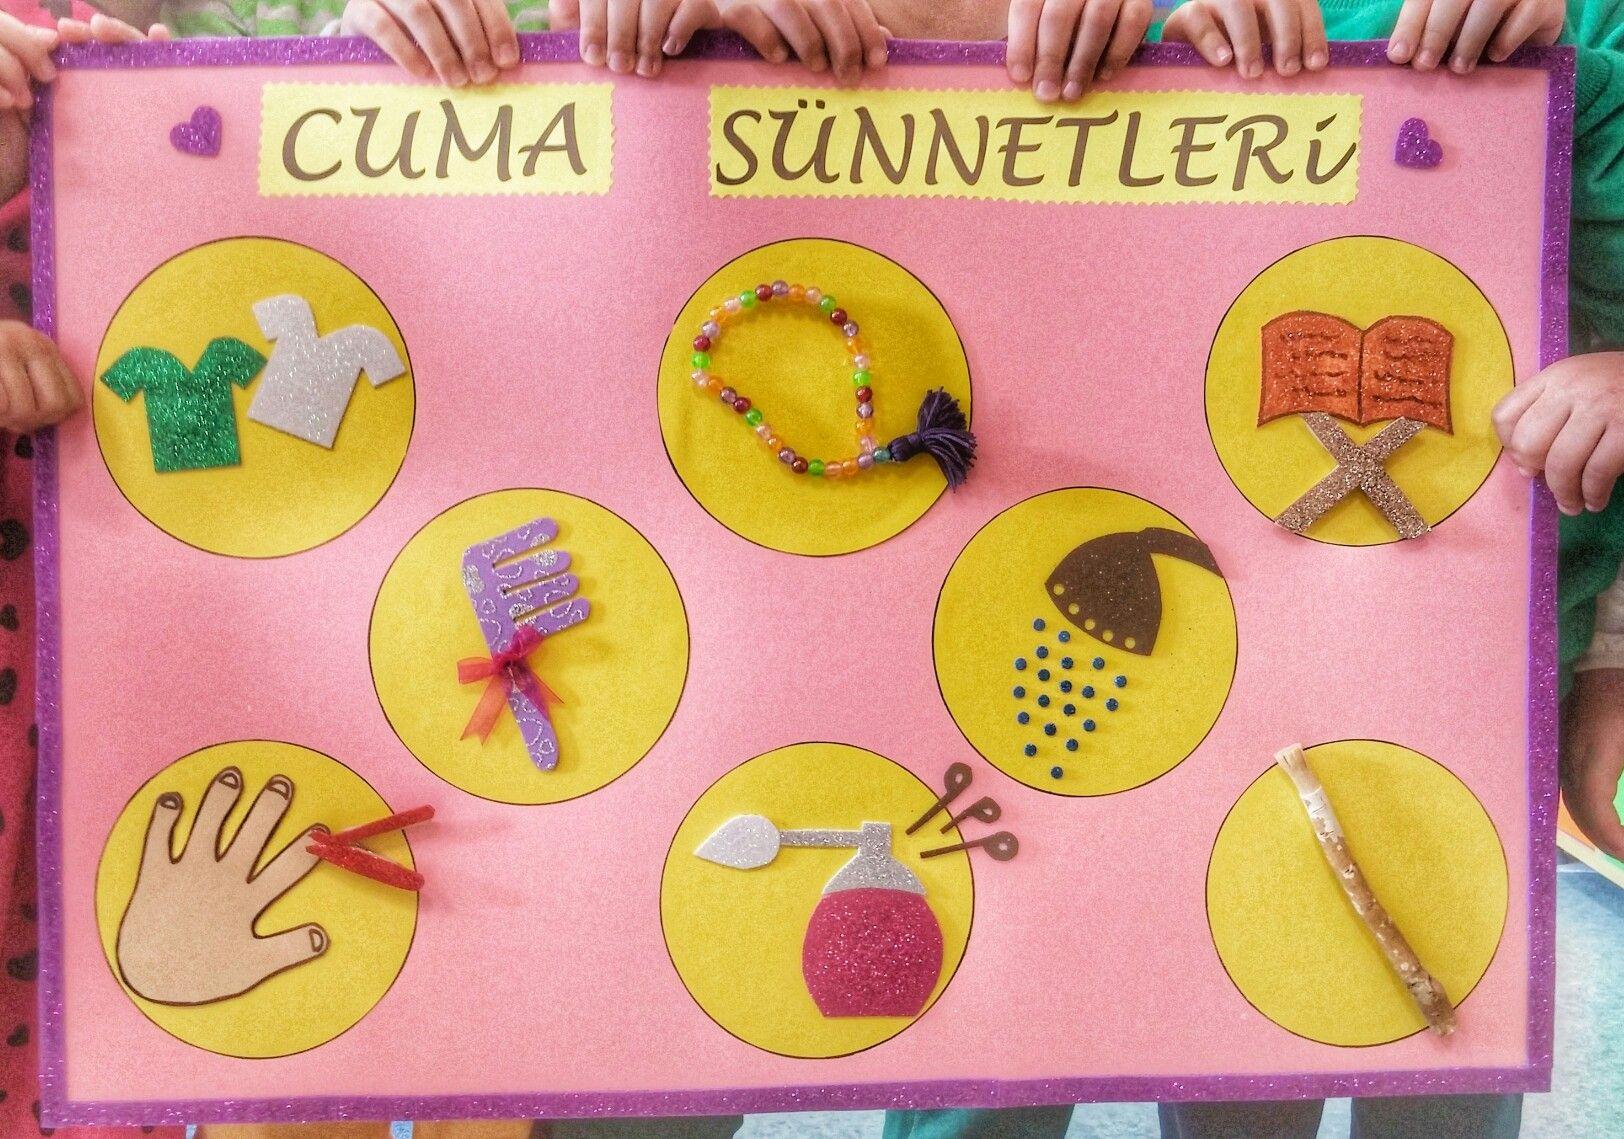 Cuma Sunnetleri Faaliyetler Anaokulu Egitim Faaliyetleri